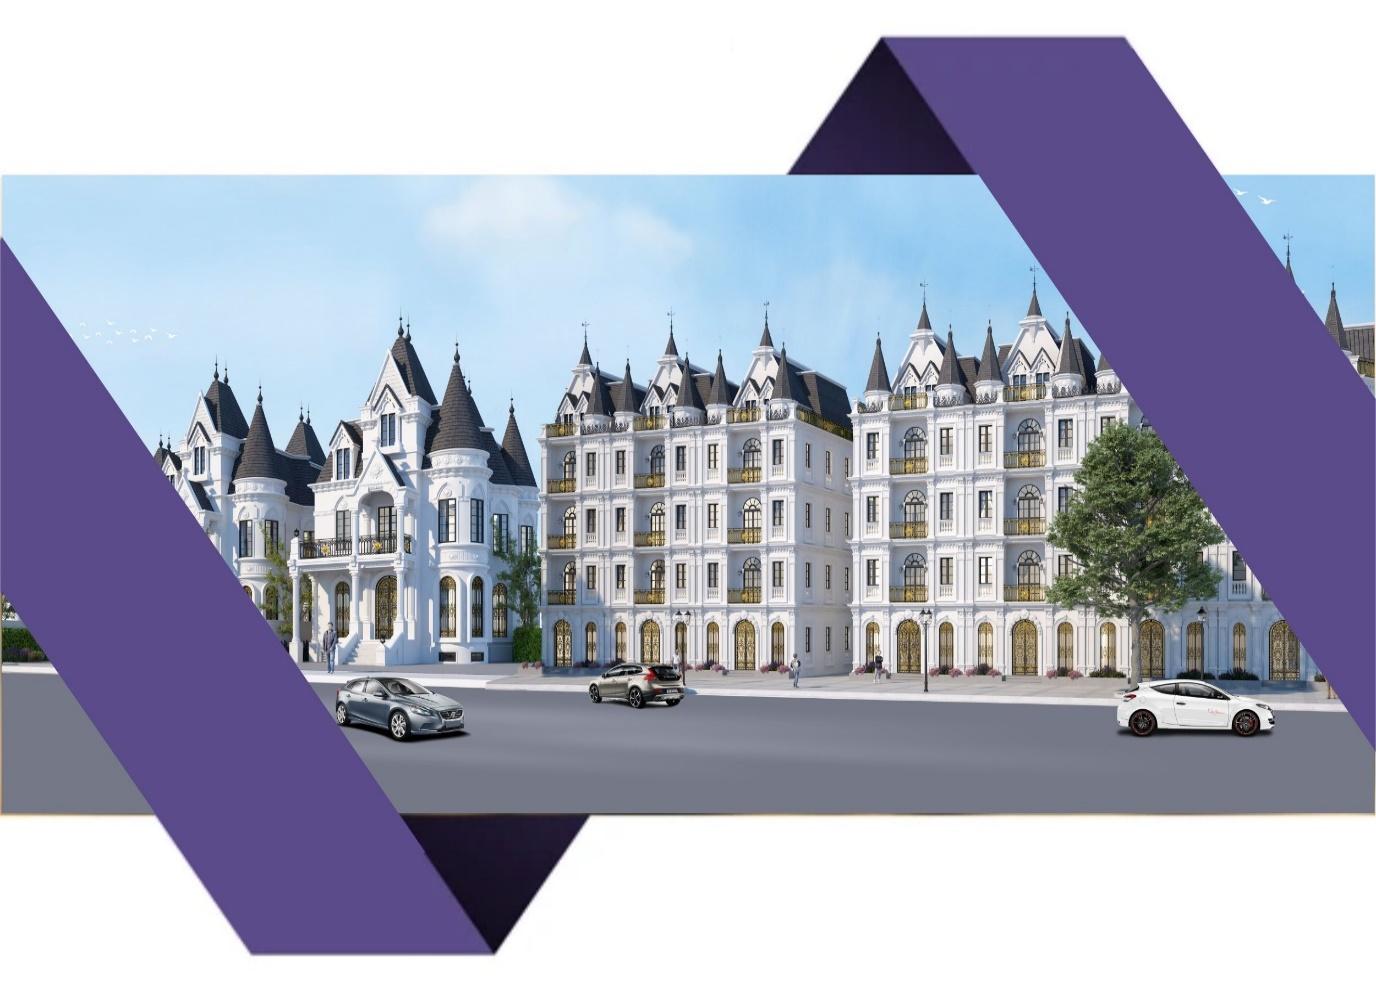 Tòa nhà chung cư cao tầng HH3 dự án The Jade Orchid thương hiệu Vimefulland chính thức đủ điều kiện bán hàng - Ảnh 2.